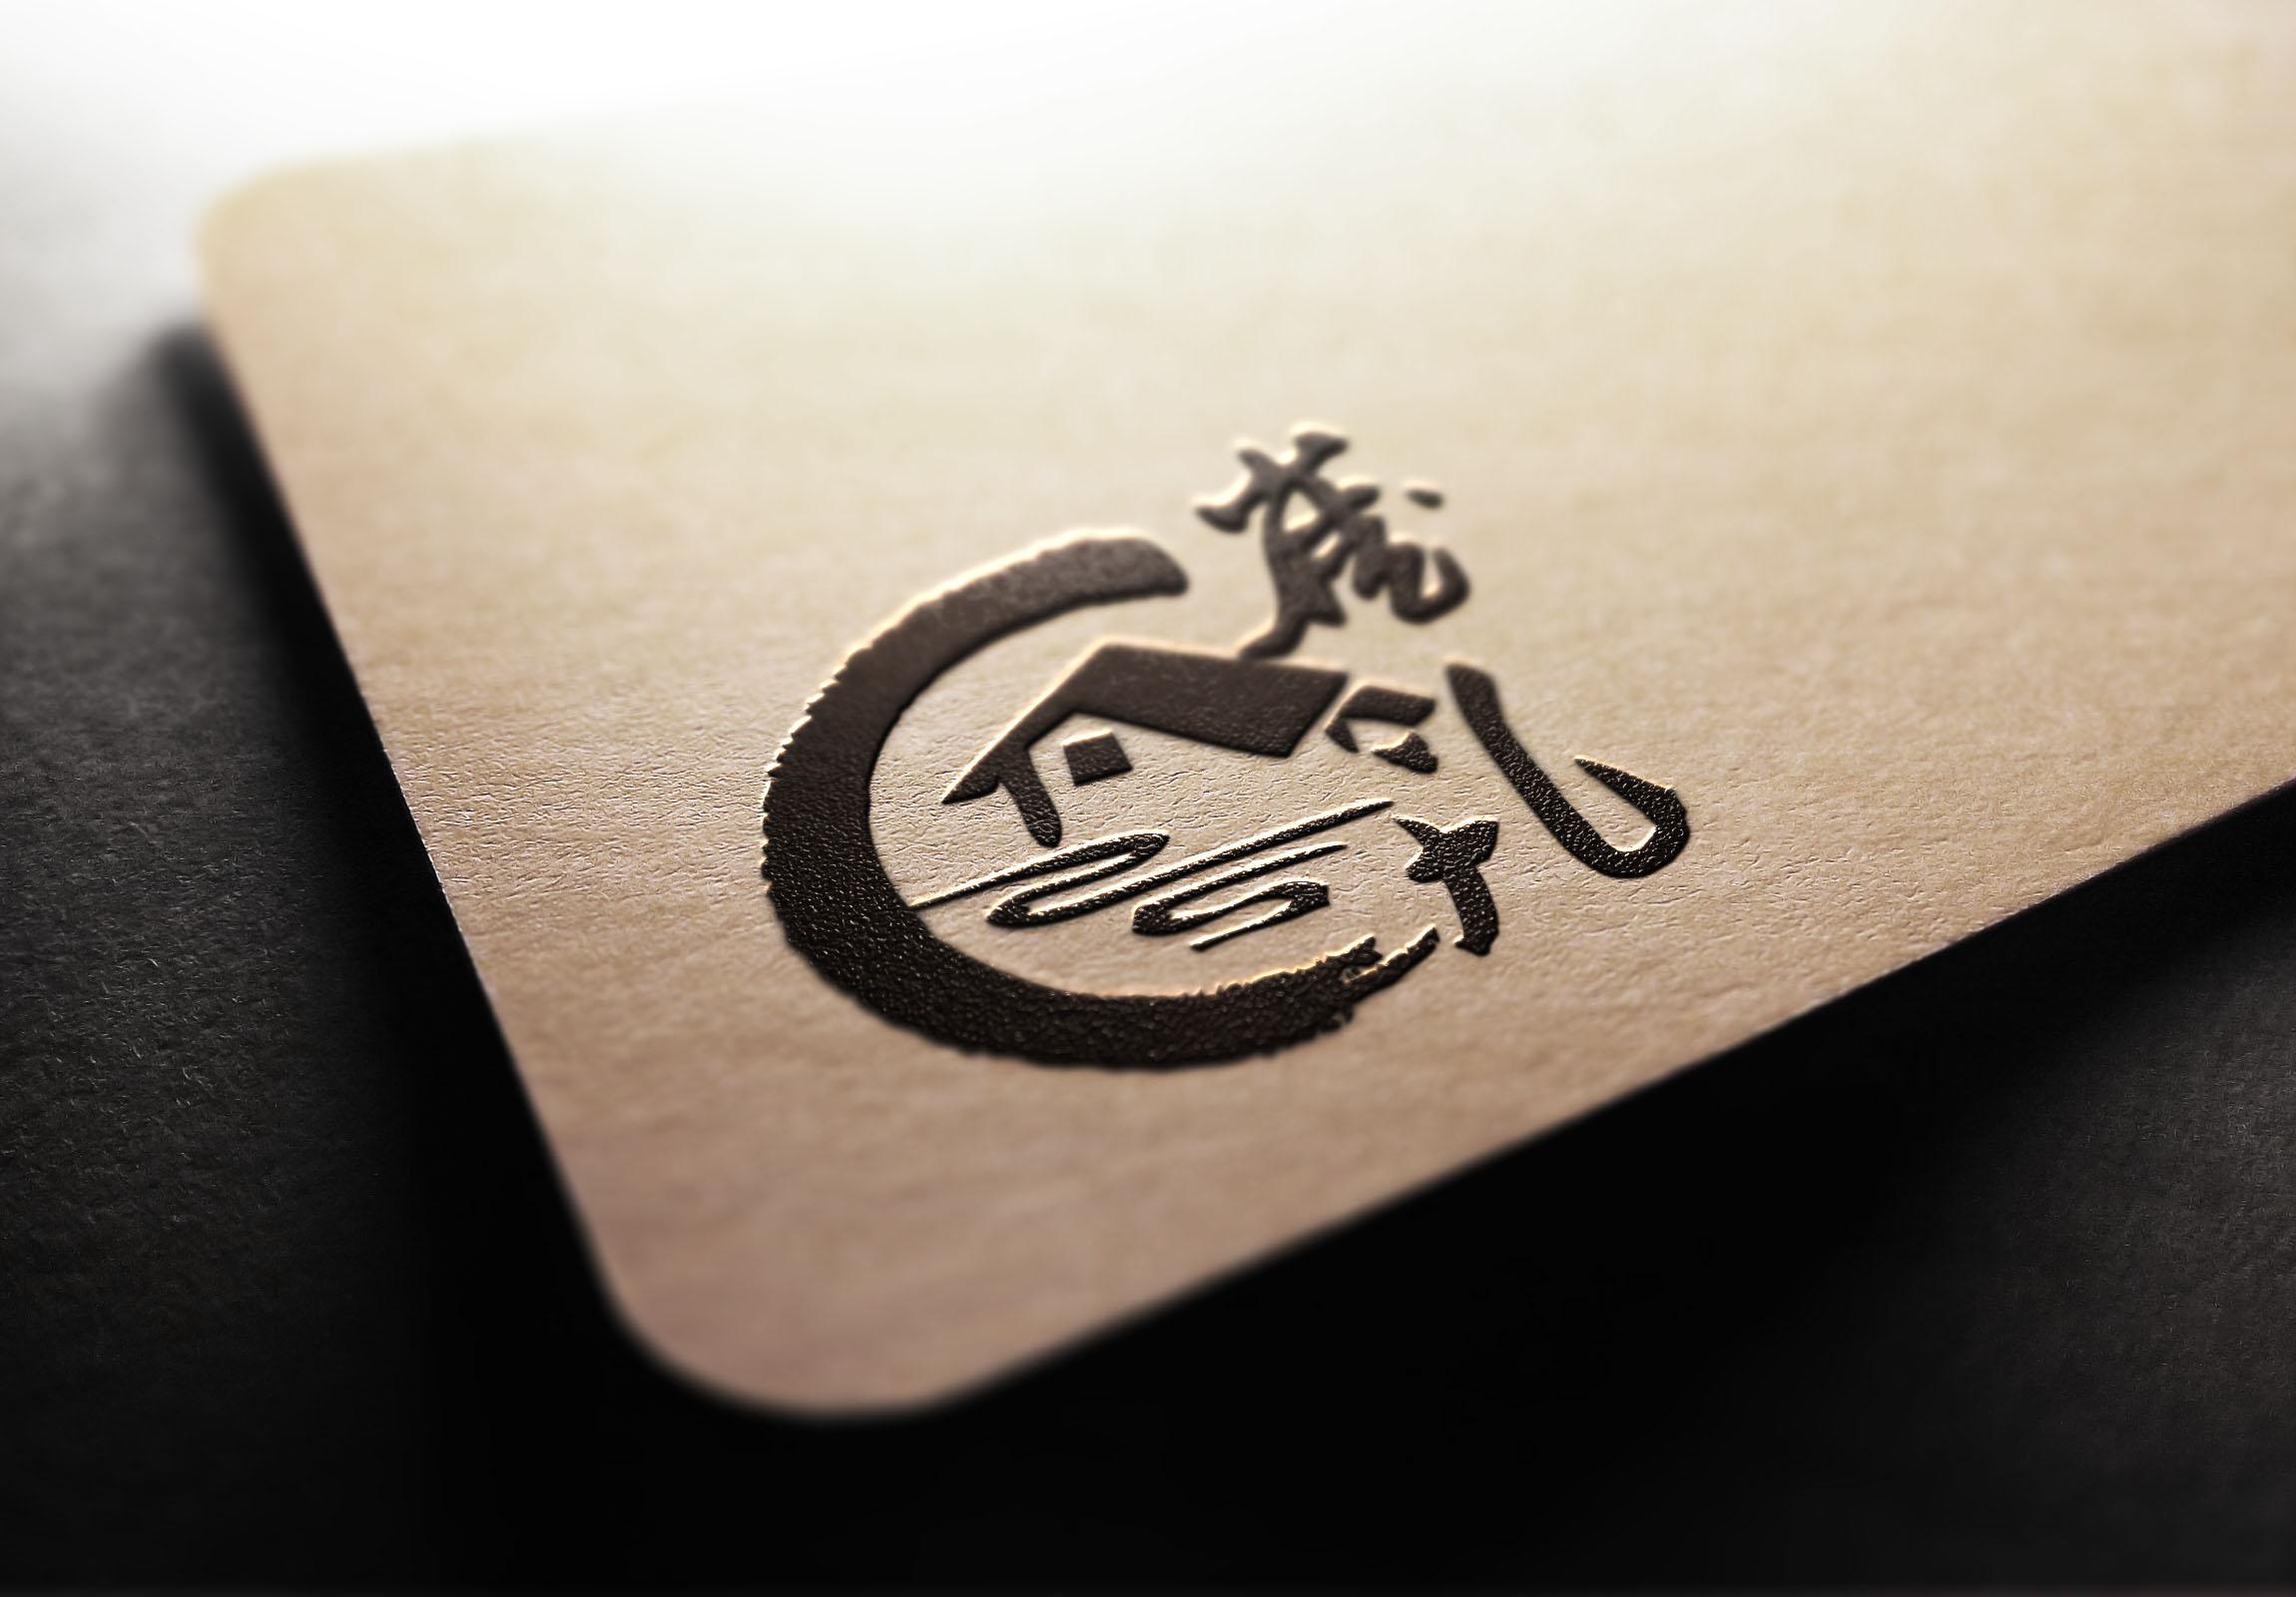 两个字的图案logo_3027096_k68威客网